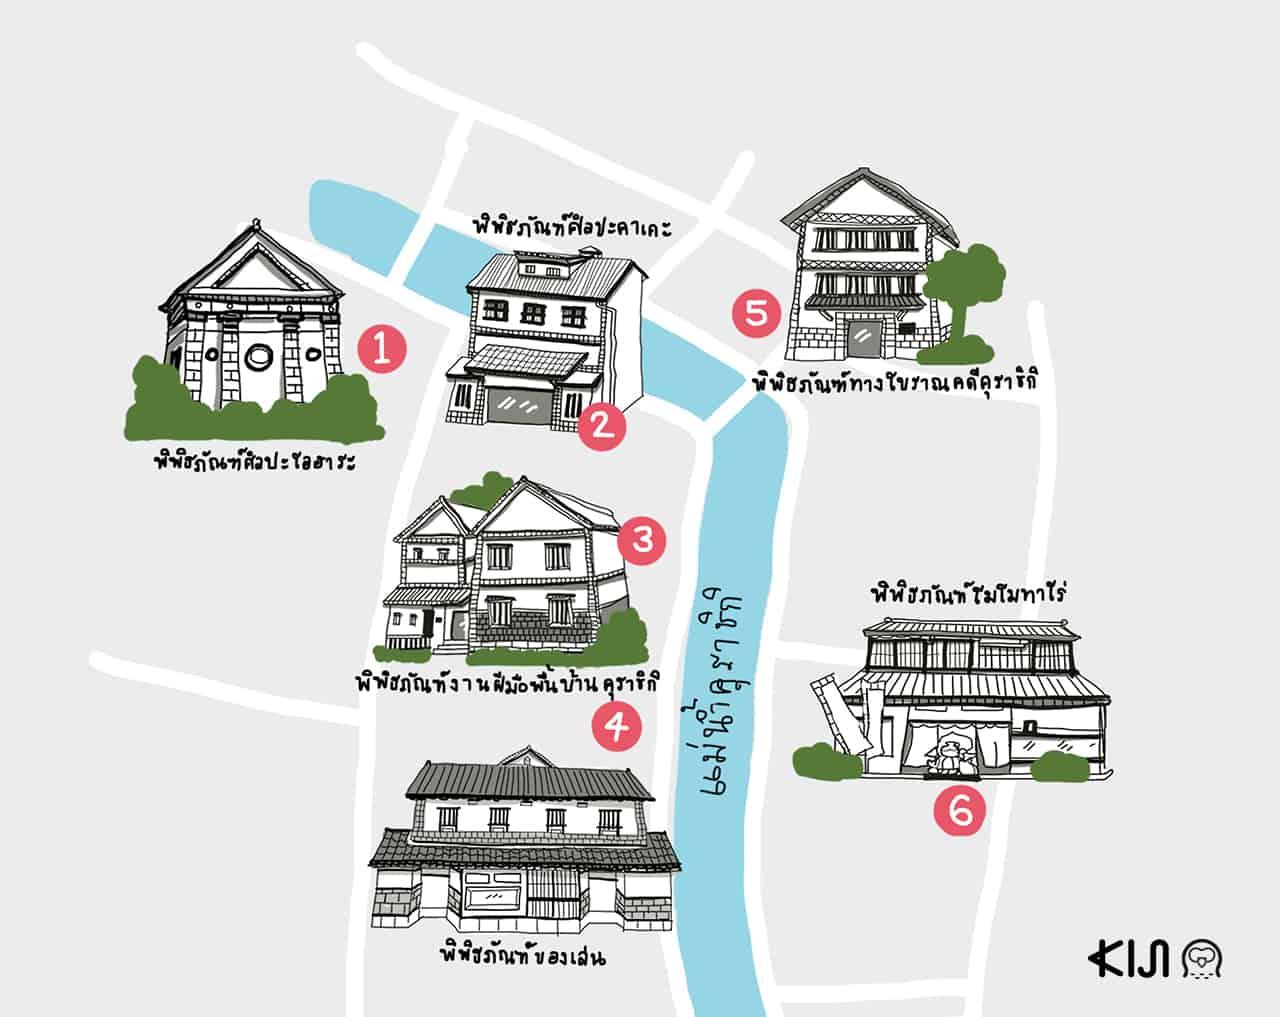 แผนที่พิพิธภัณฑ์ในเขตเมืองเก่าคุราชิกิ (Museums in Kurashiki)